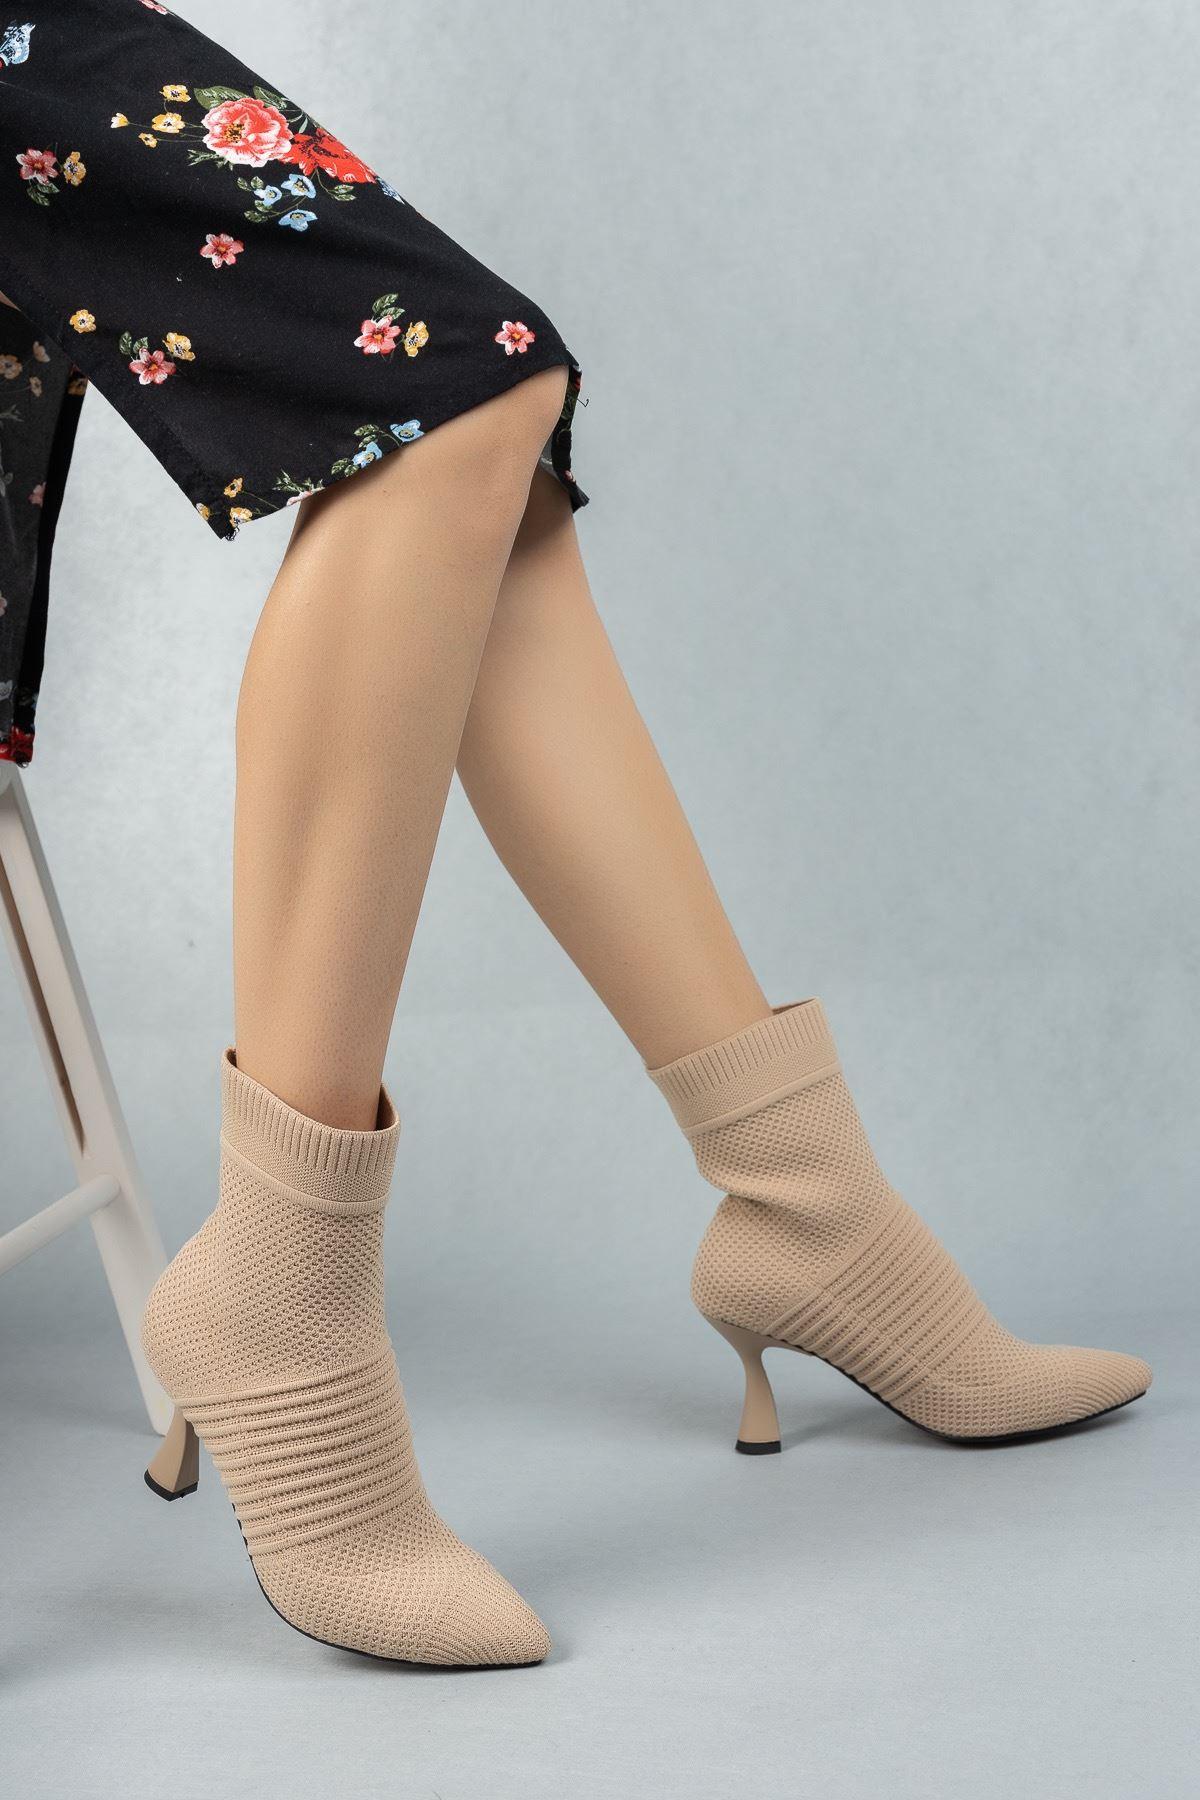 Kadın Belen Ten Triko İnce Topuklu Bot